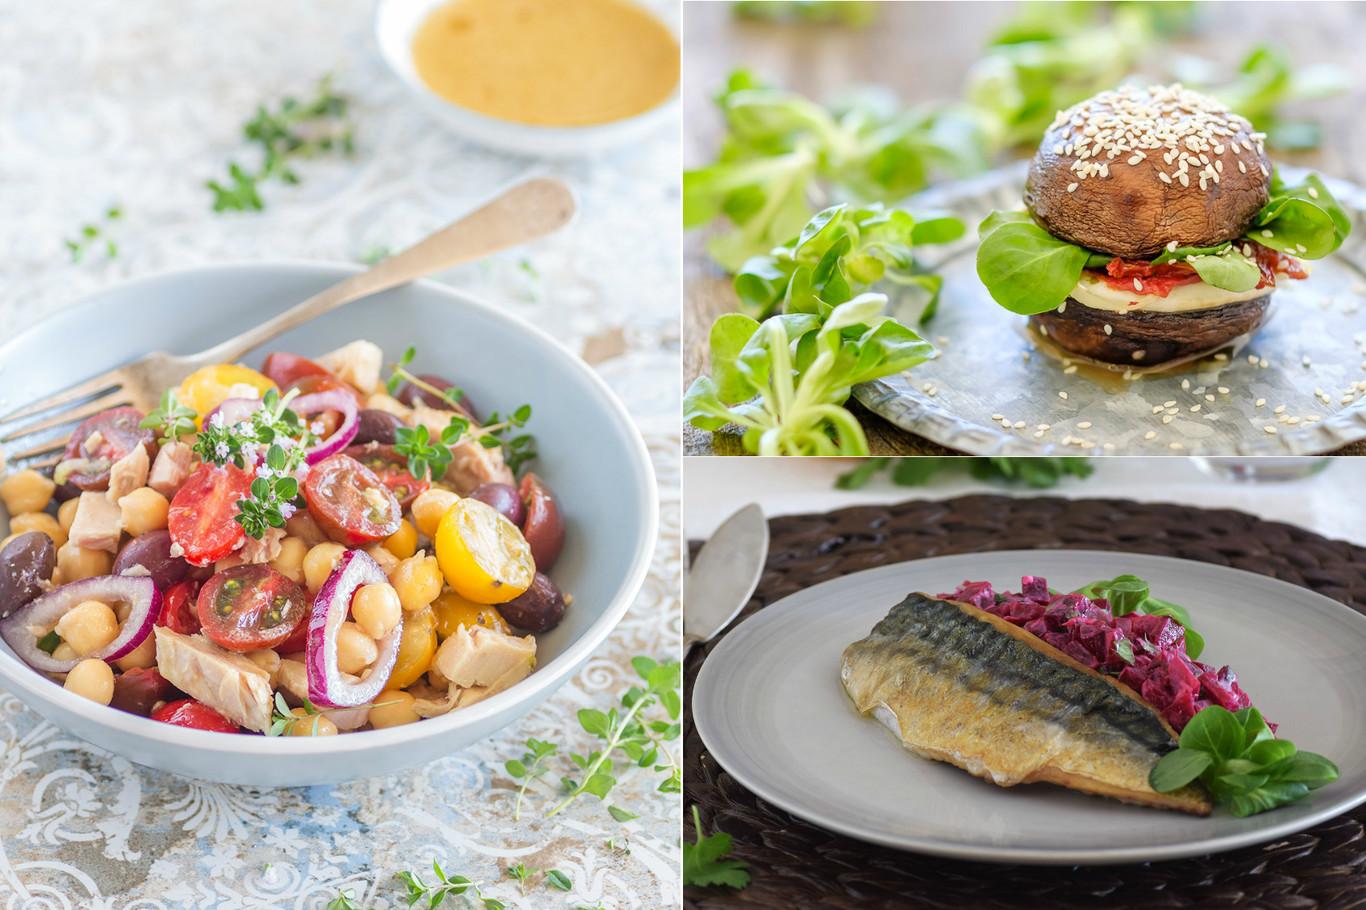 recetas dieta blanda rica en fibra de carbono